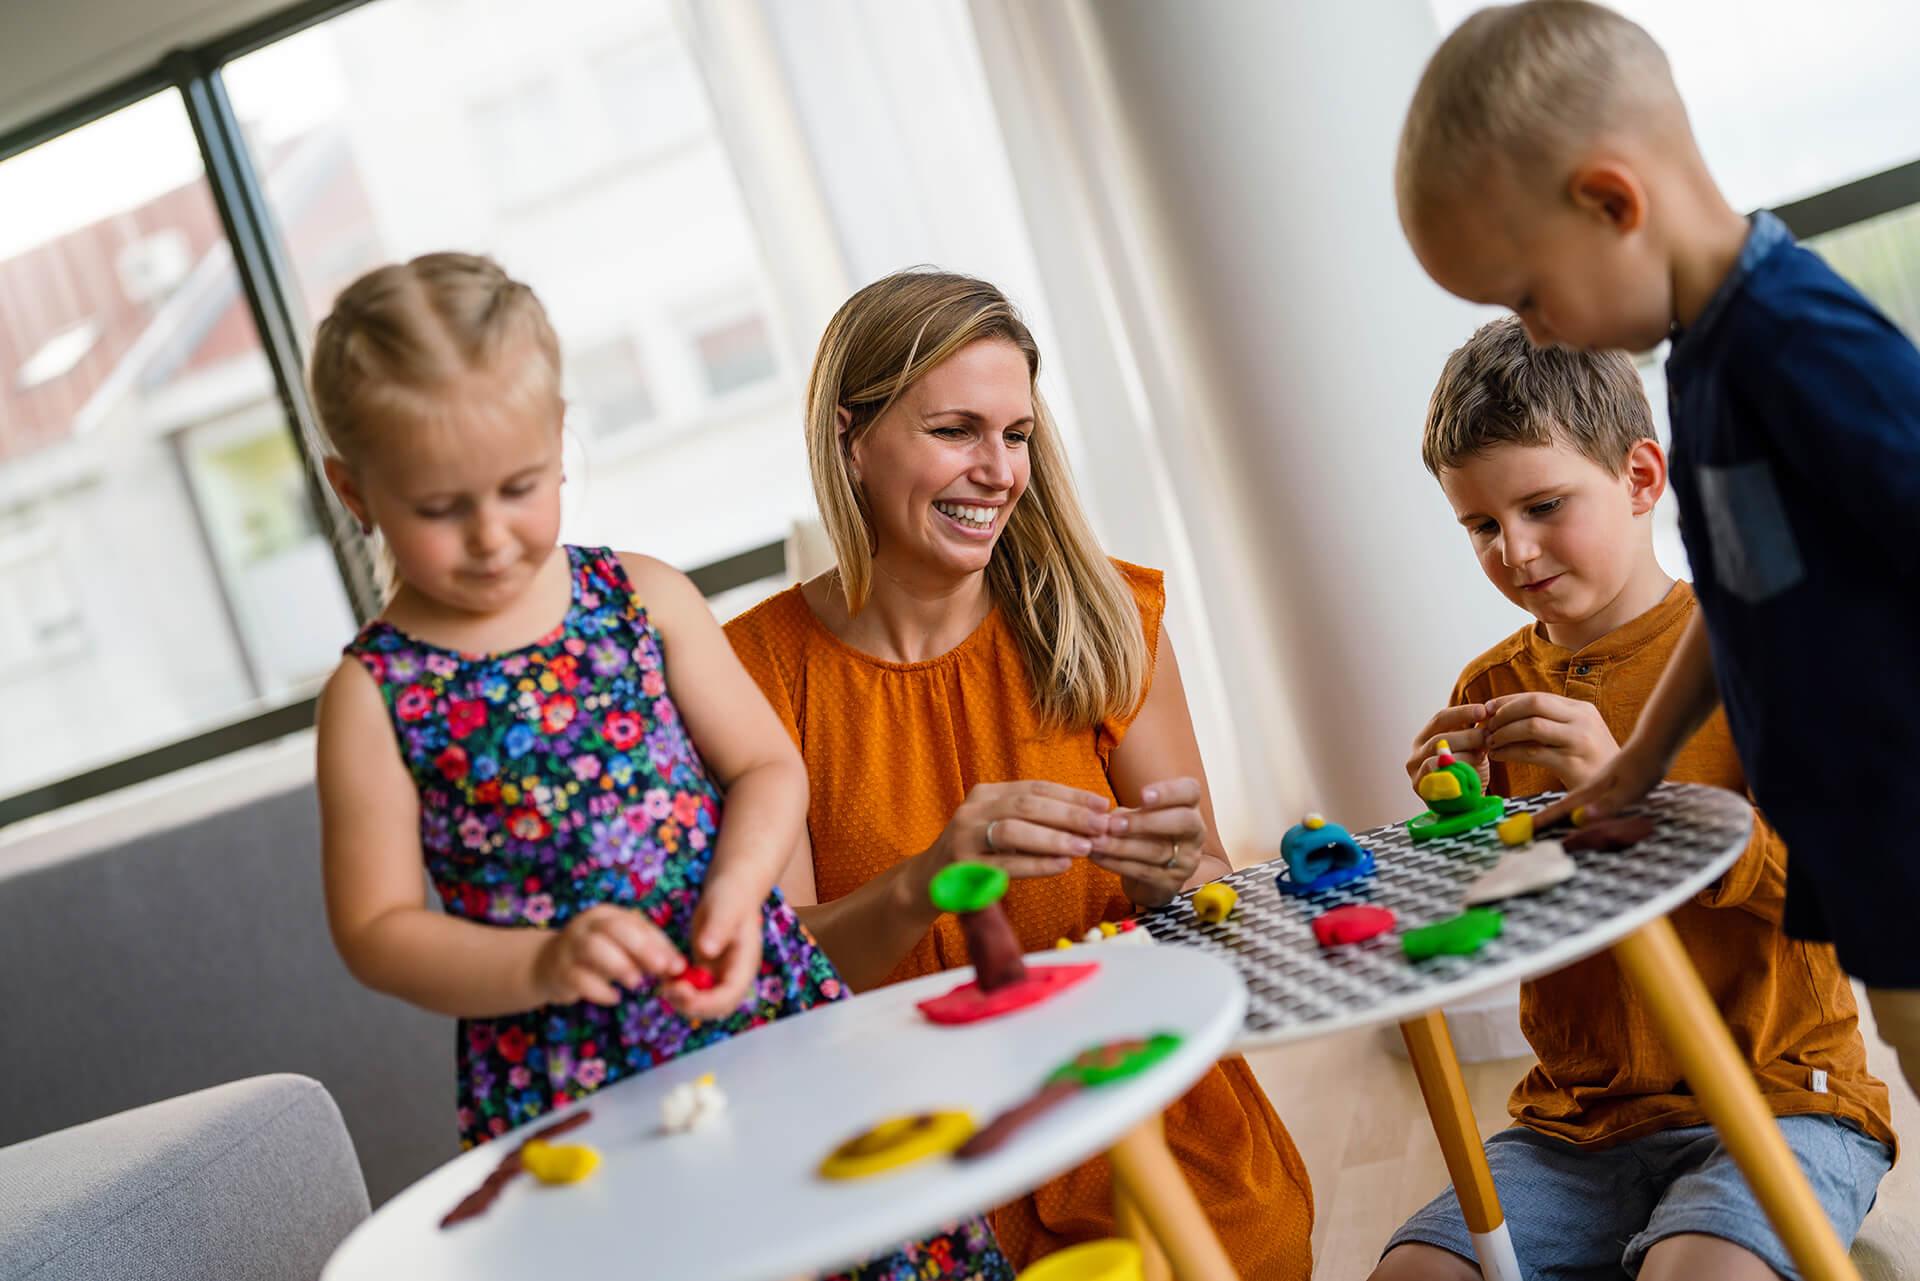 фото и видеосъемка в детском саду